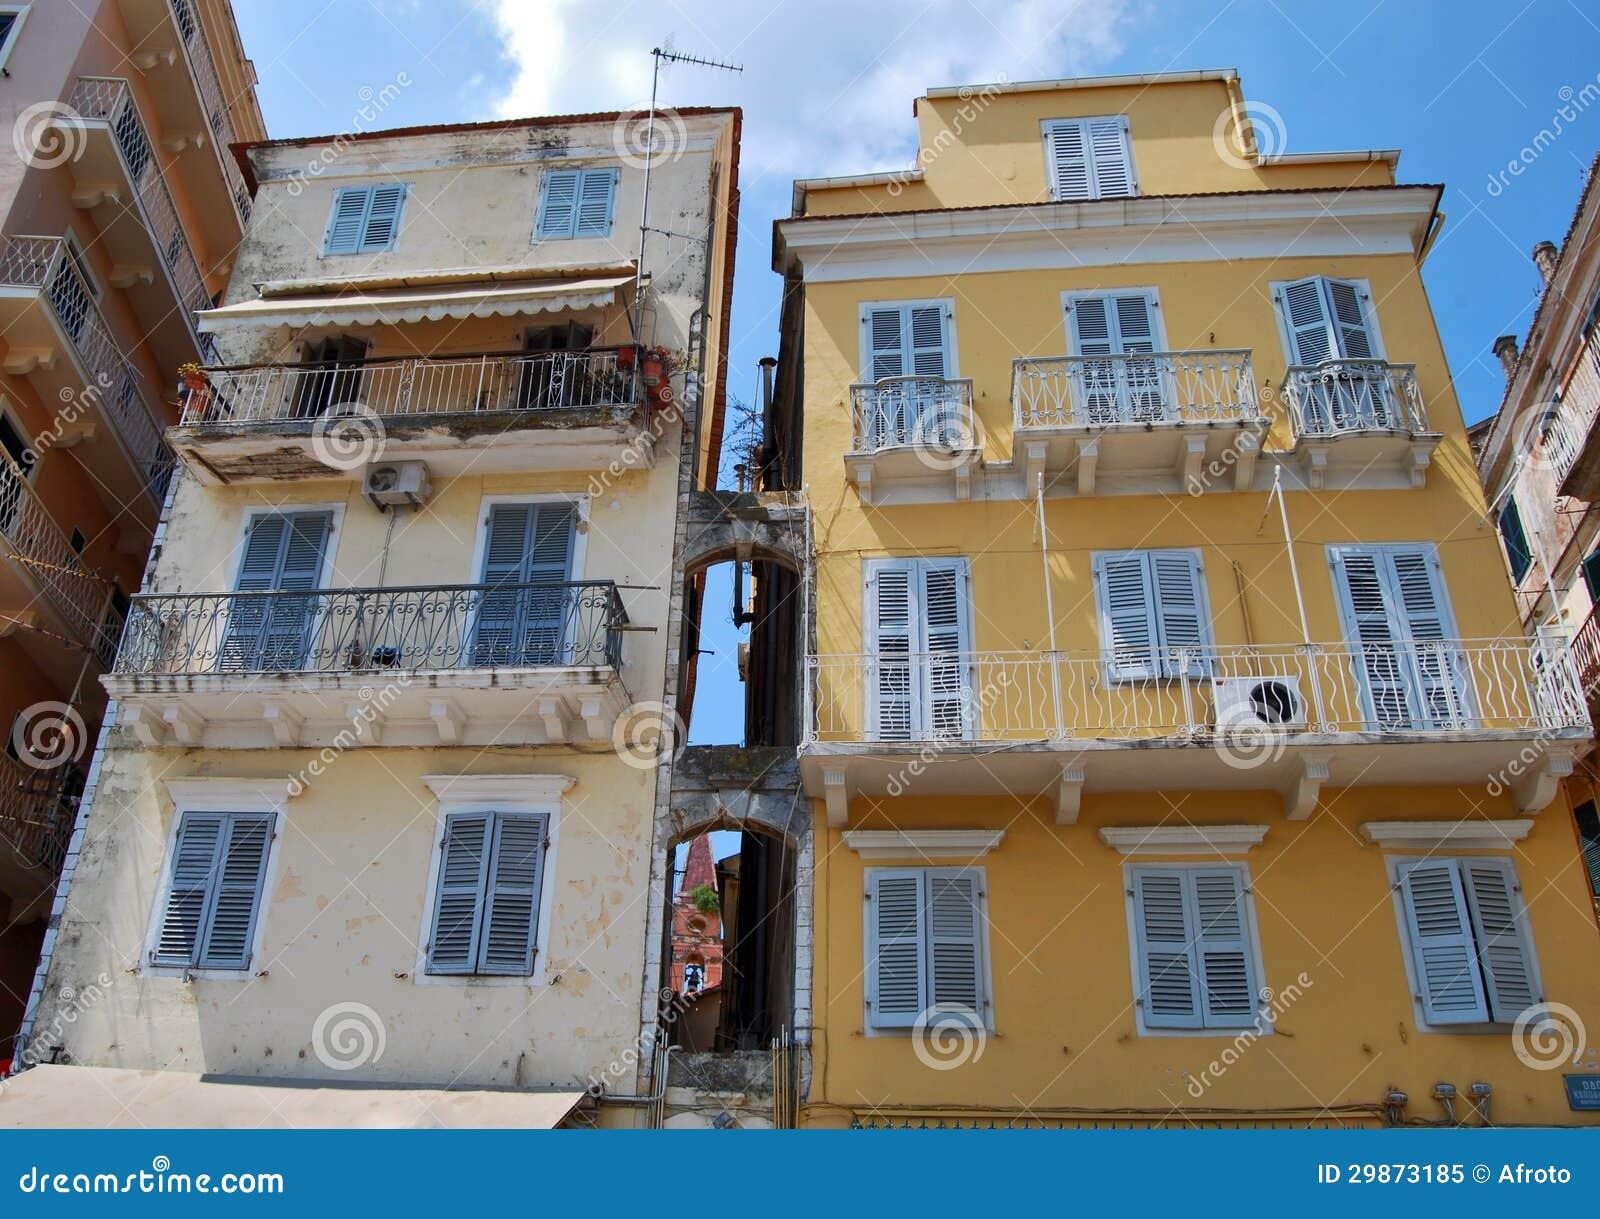 Islan的科孚岛的老房子